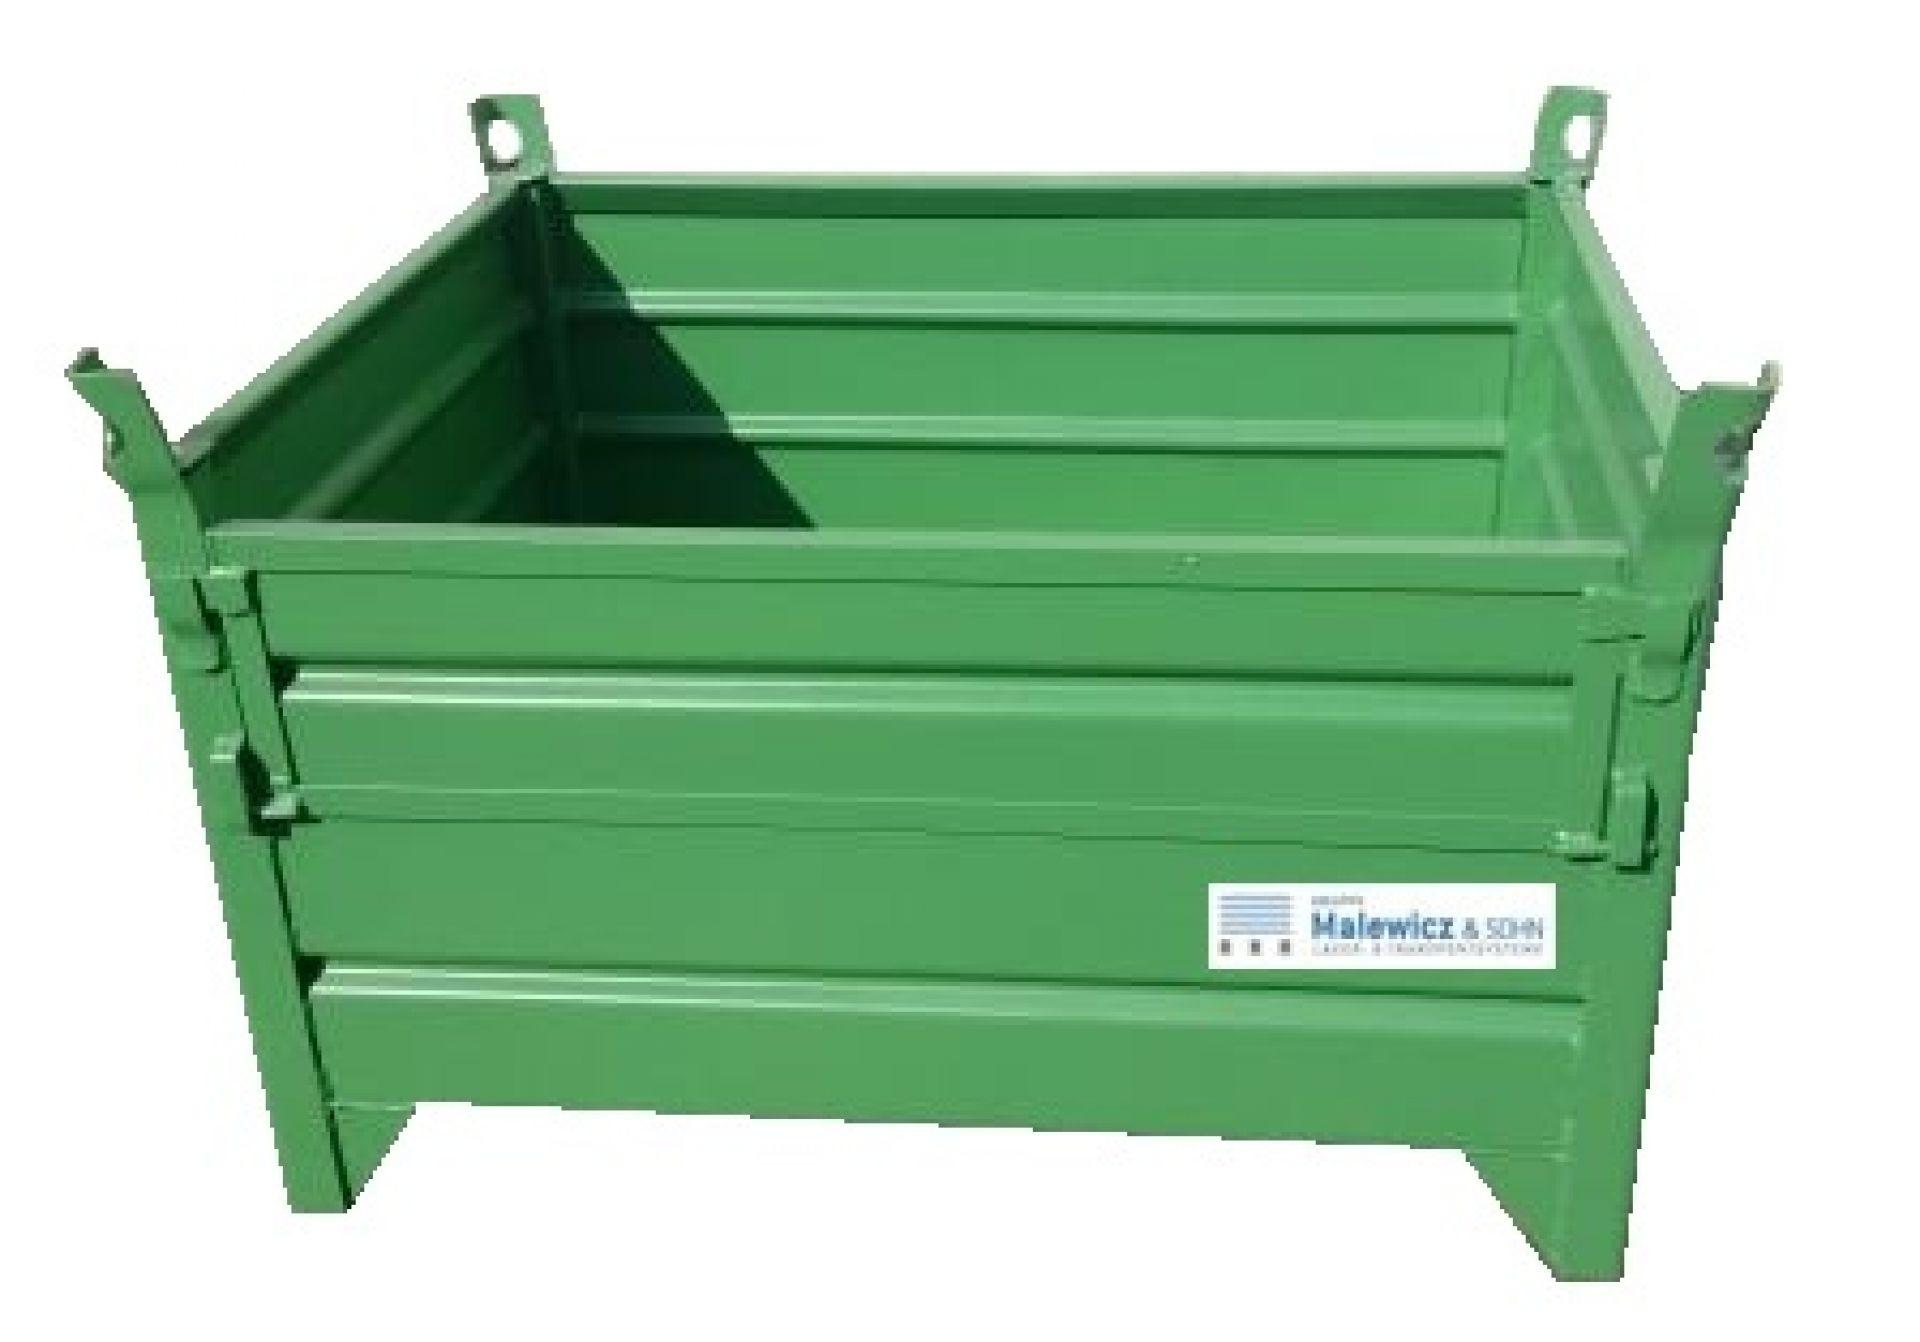 Behälter mit halber Klappe grün lackiert